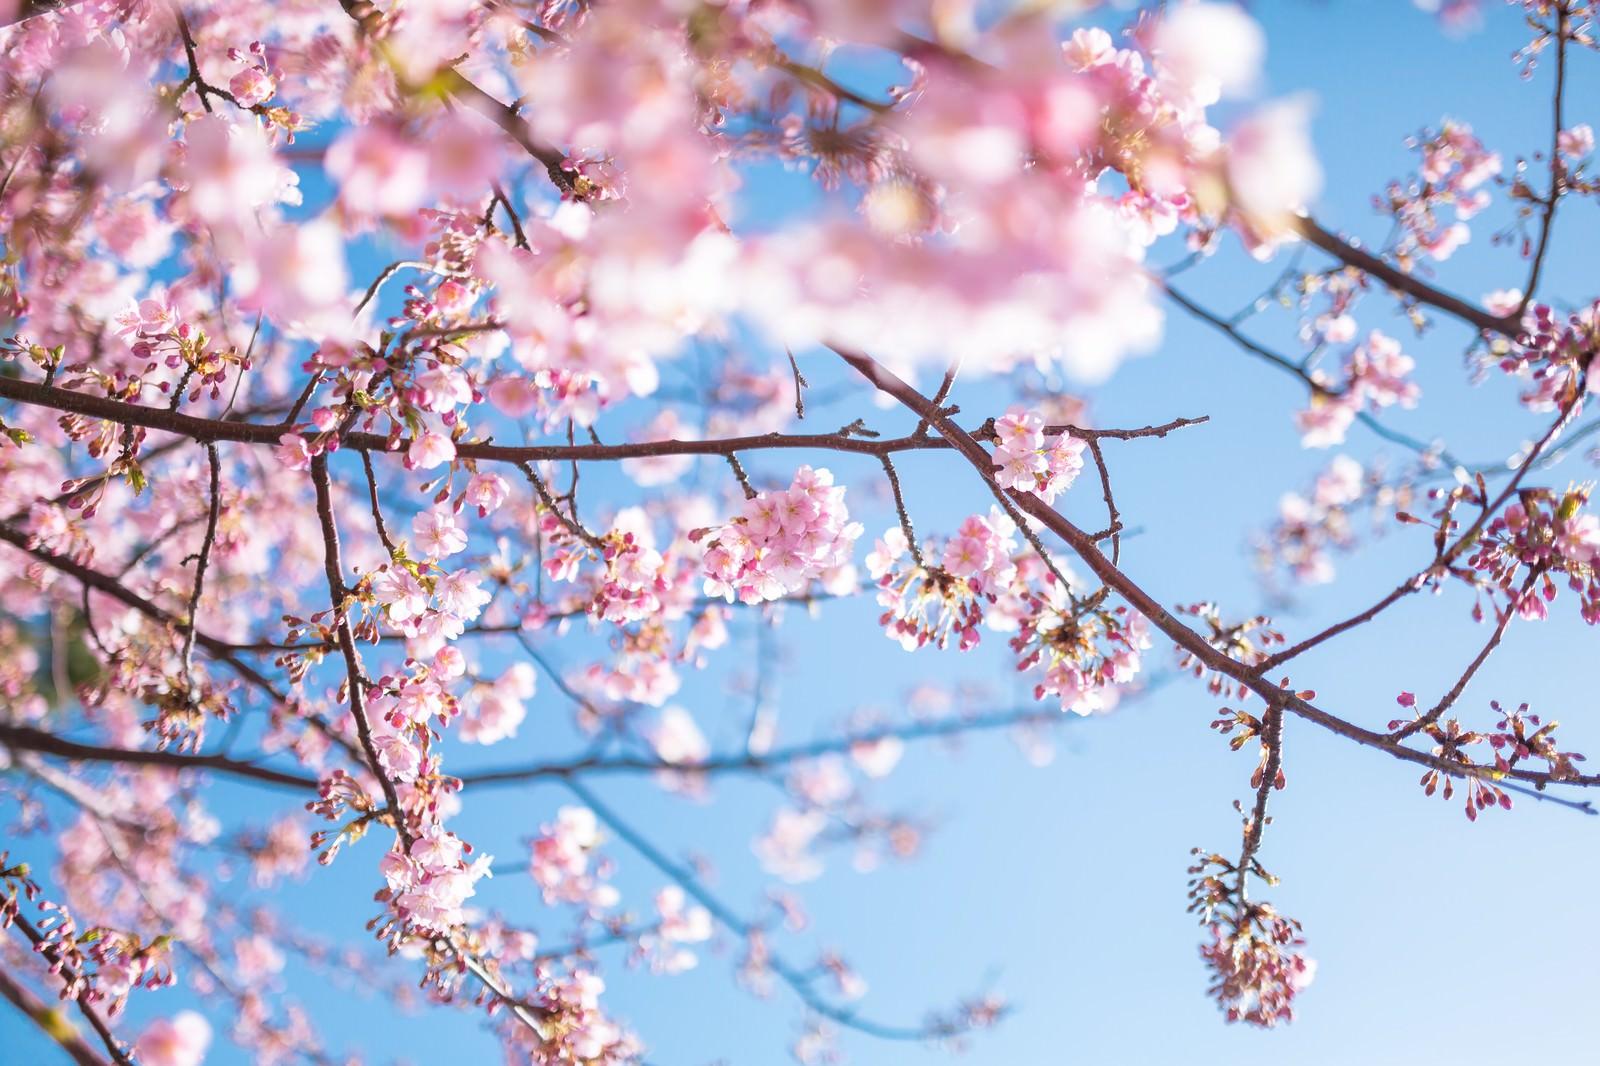 「青く鮮やかな空と桜青く鮮やかな空と桜」のフリー写真素材を拡大